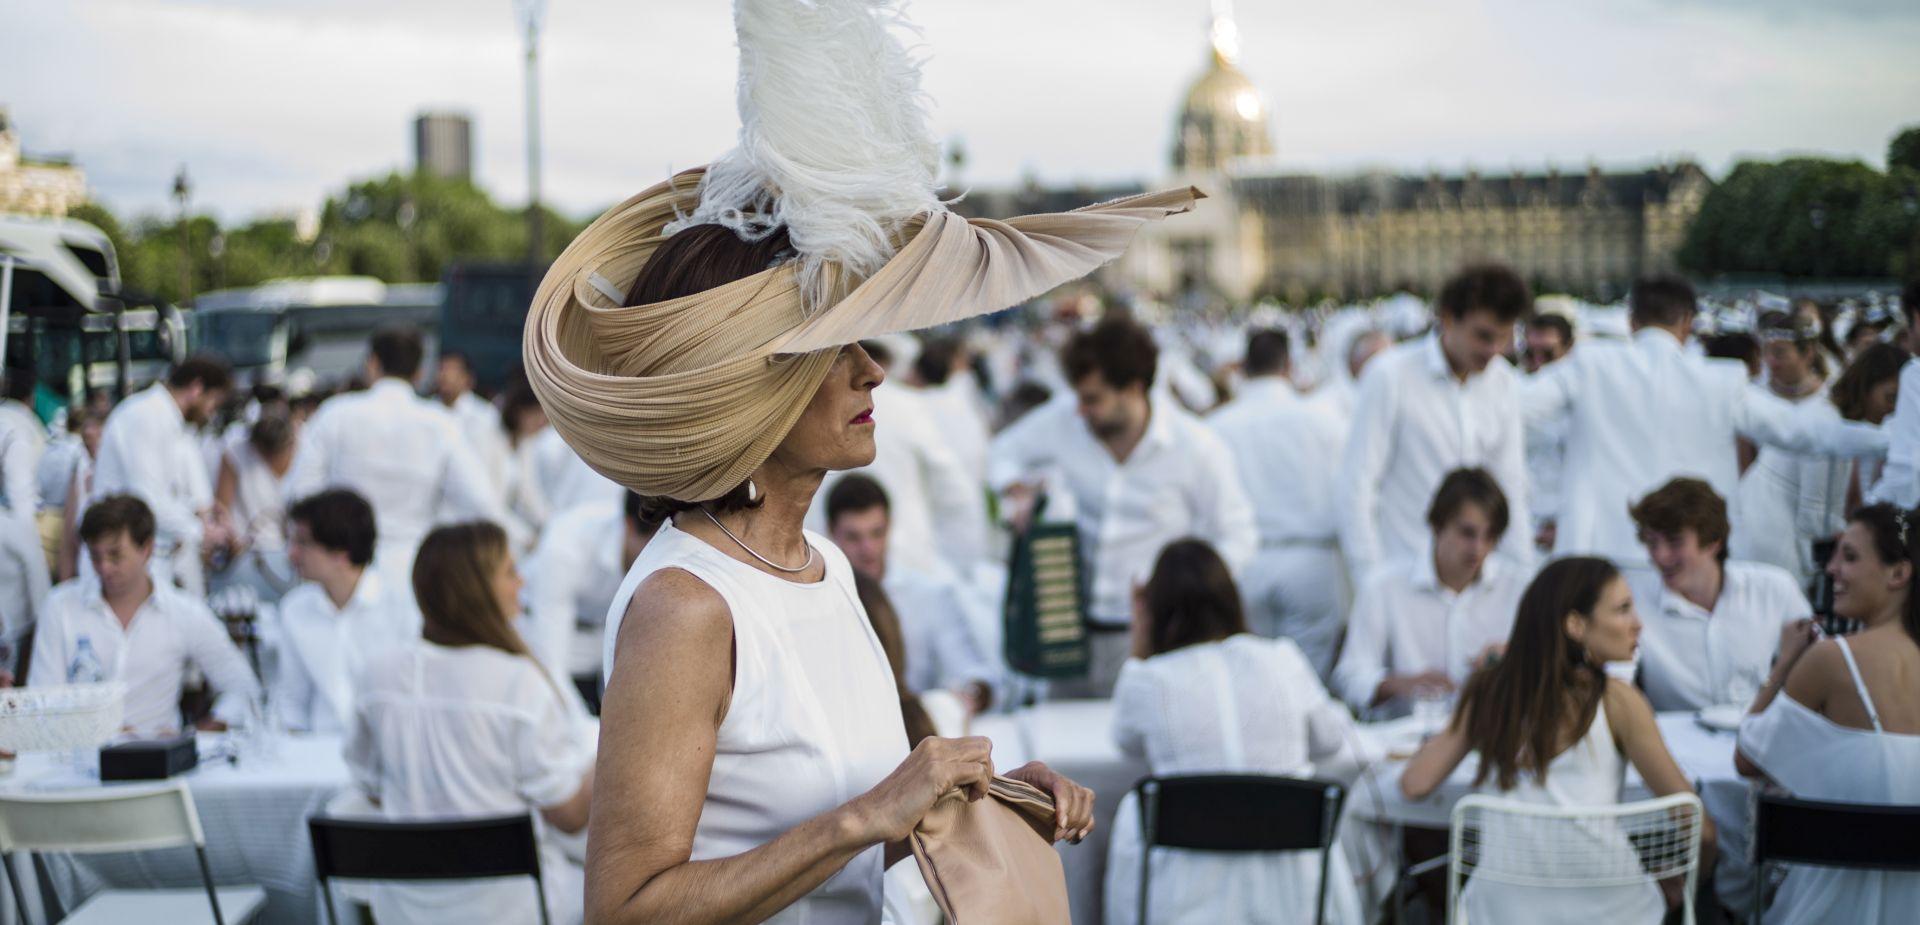 Tisuće sudionika Večere u bijelom u Parizu